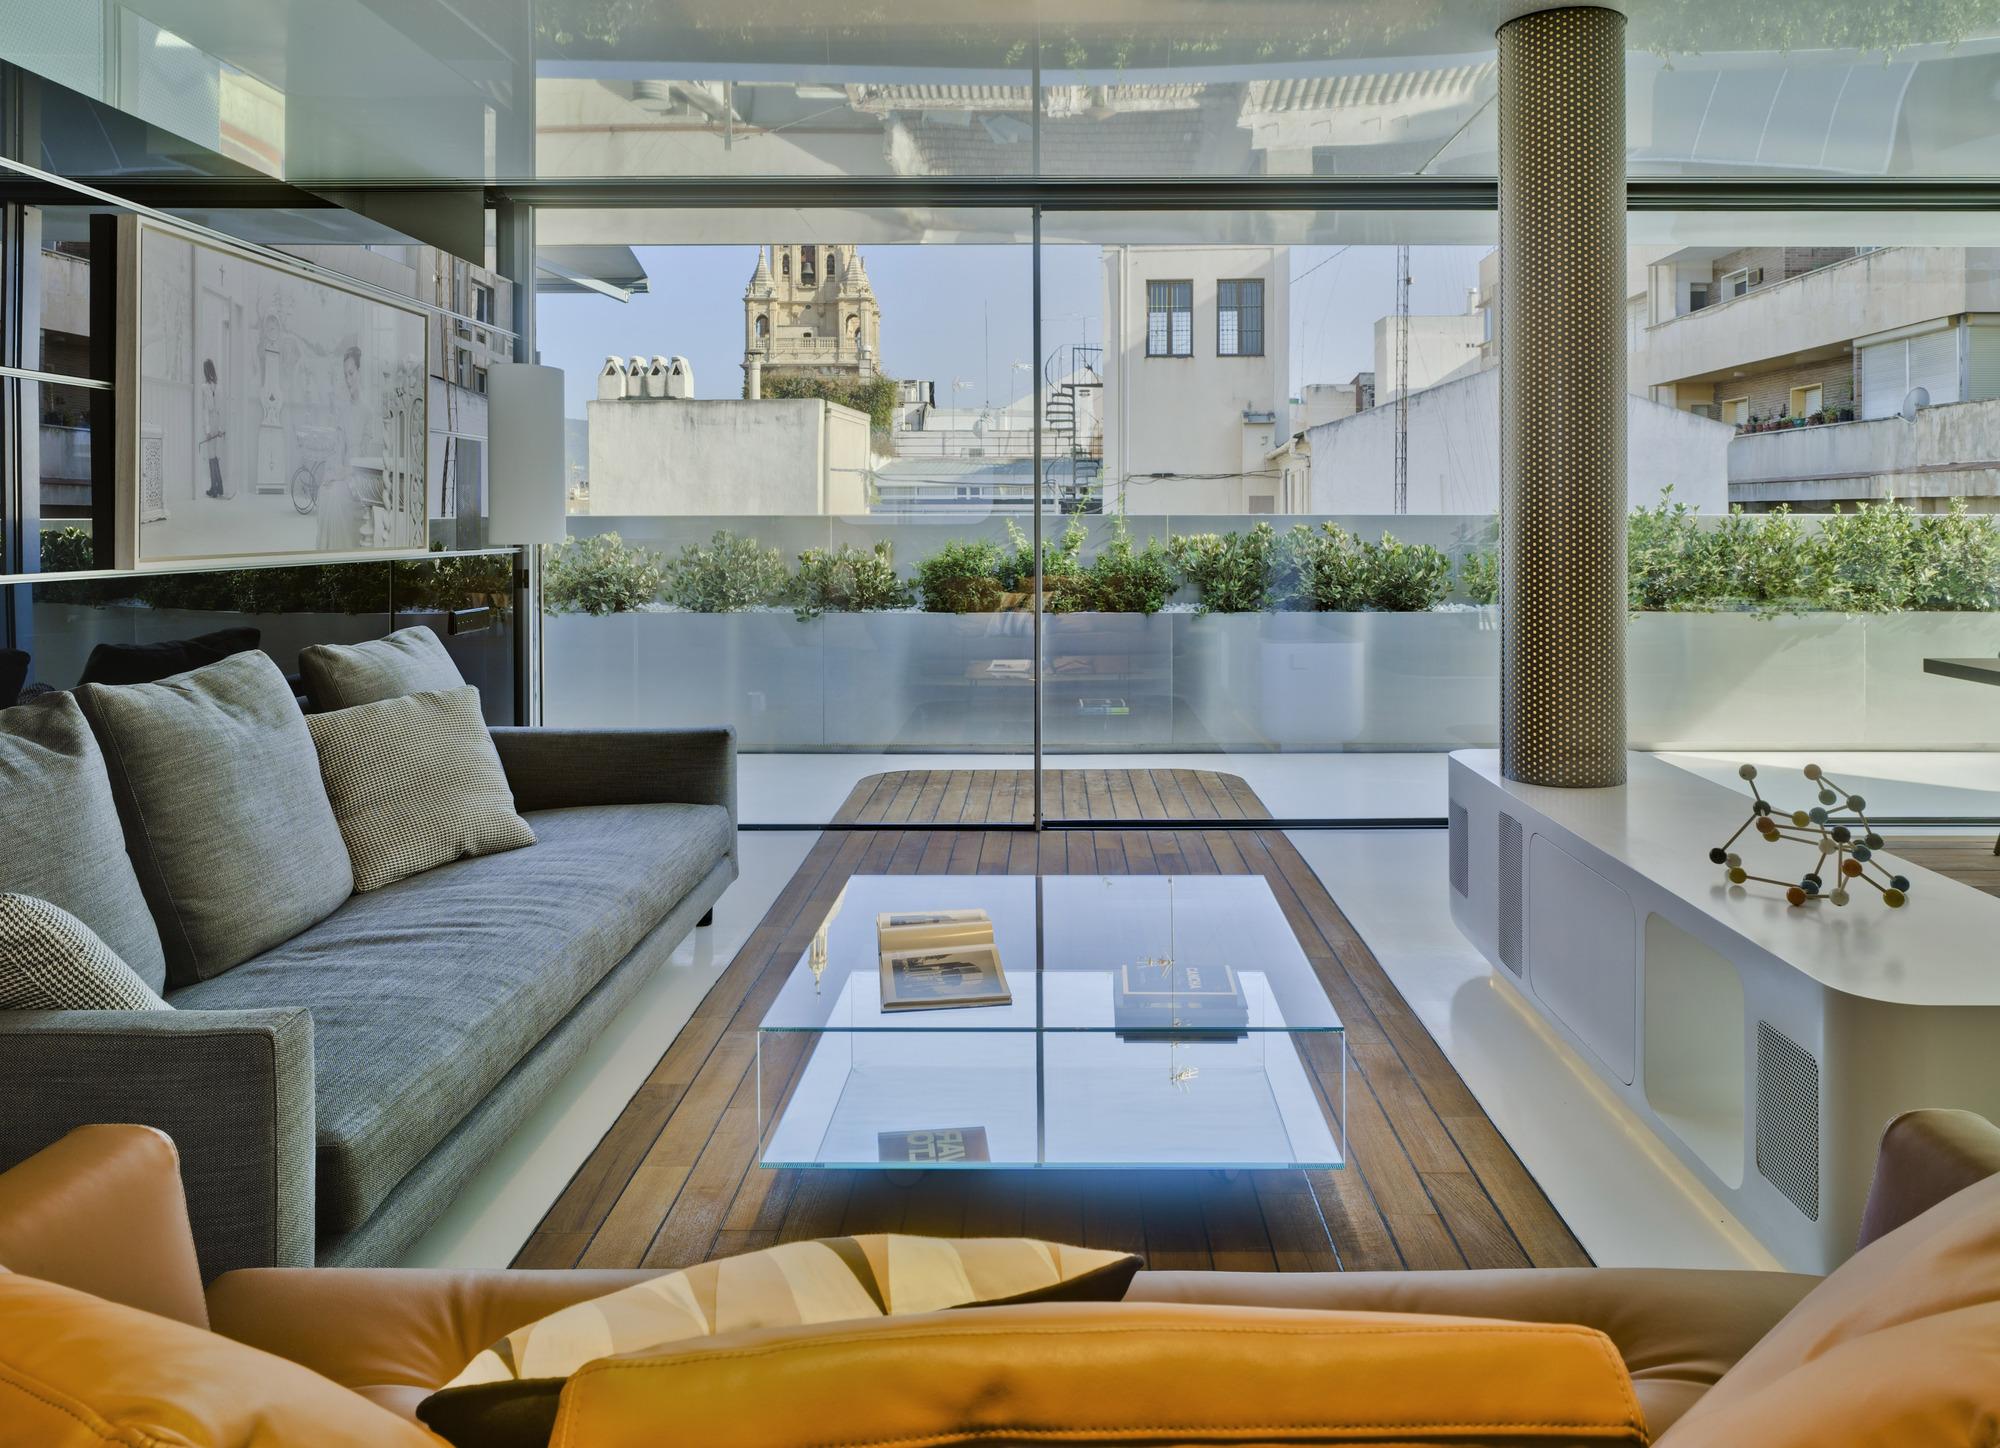 Ventanales de corredera cortizo m xima luminosidad con for Casa minimalista dwg